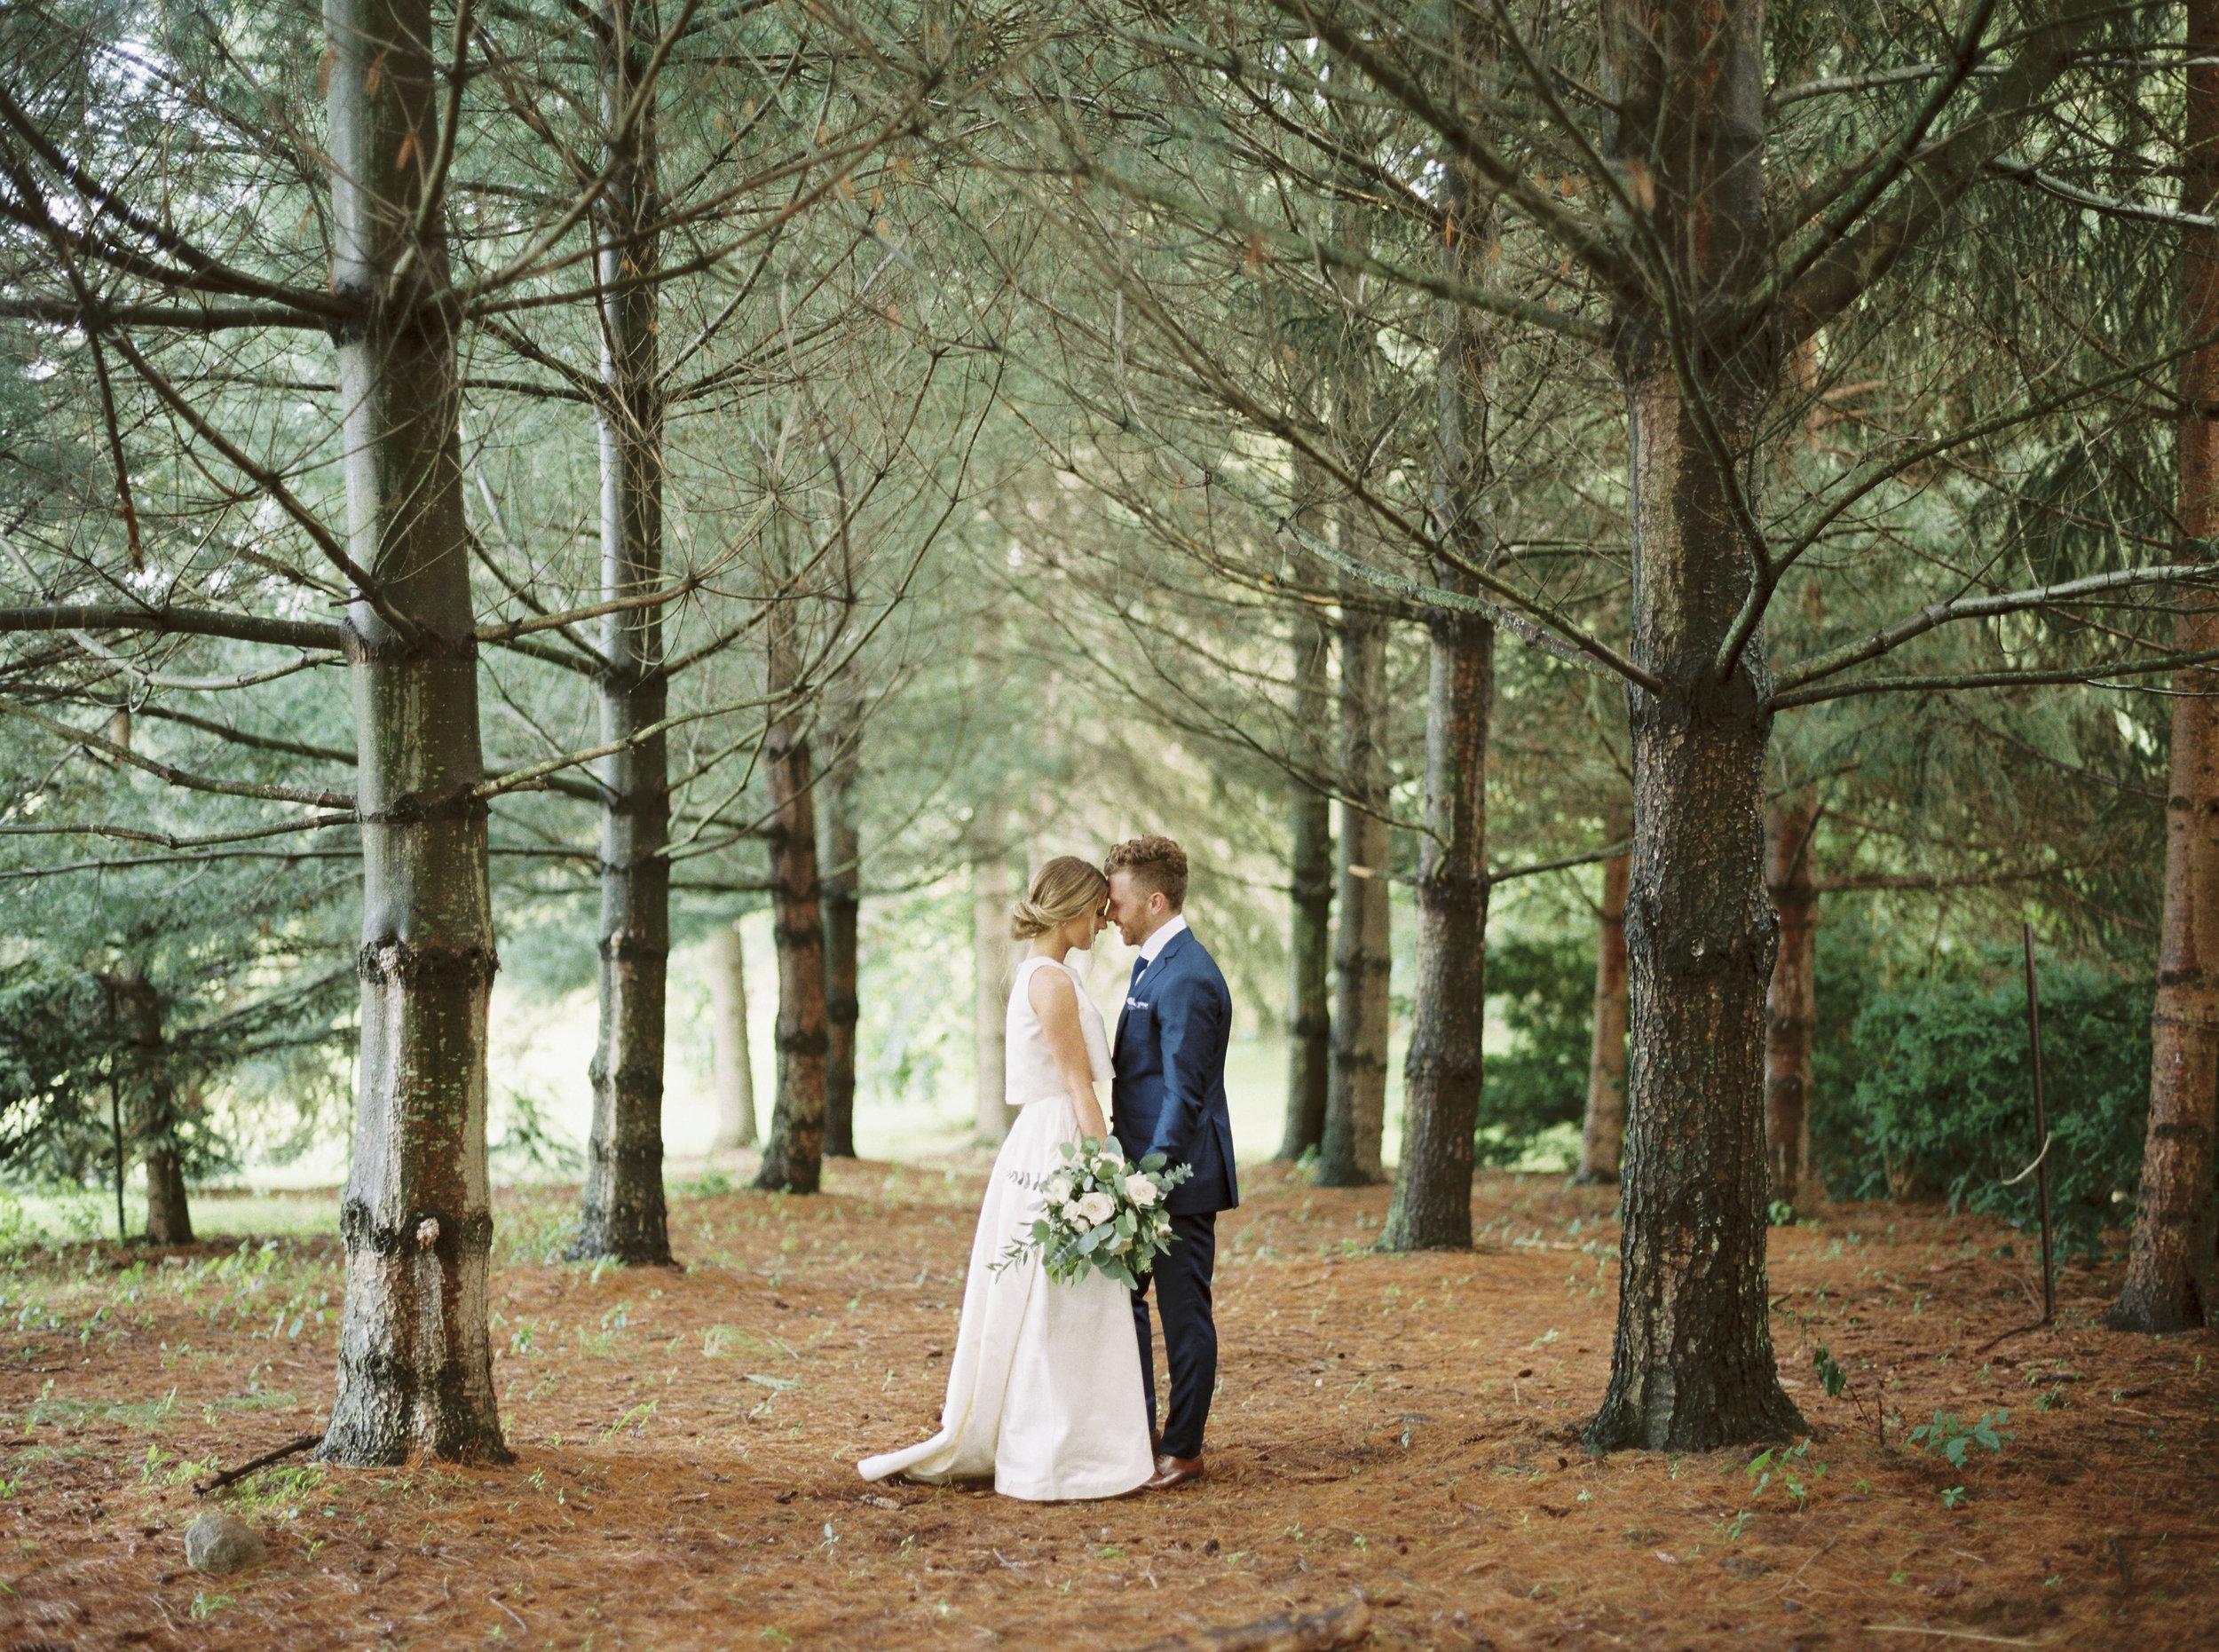 Wedding___Nicole___Eric_269.jpg